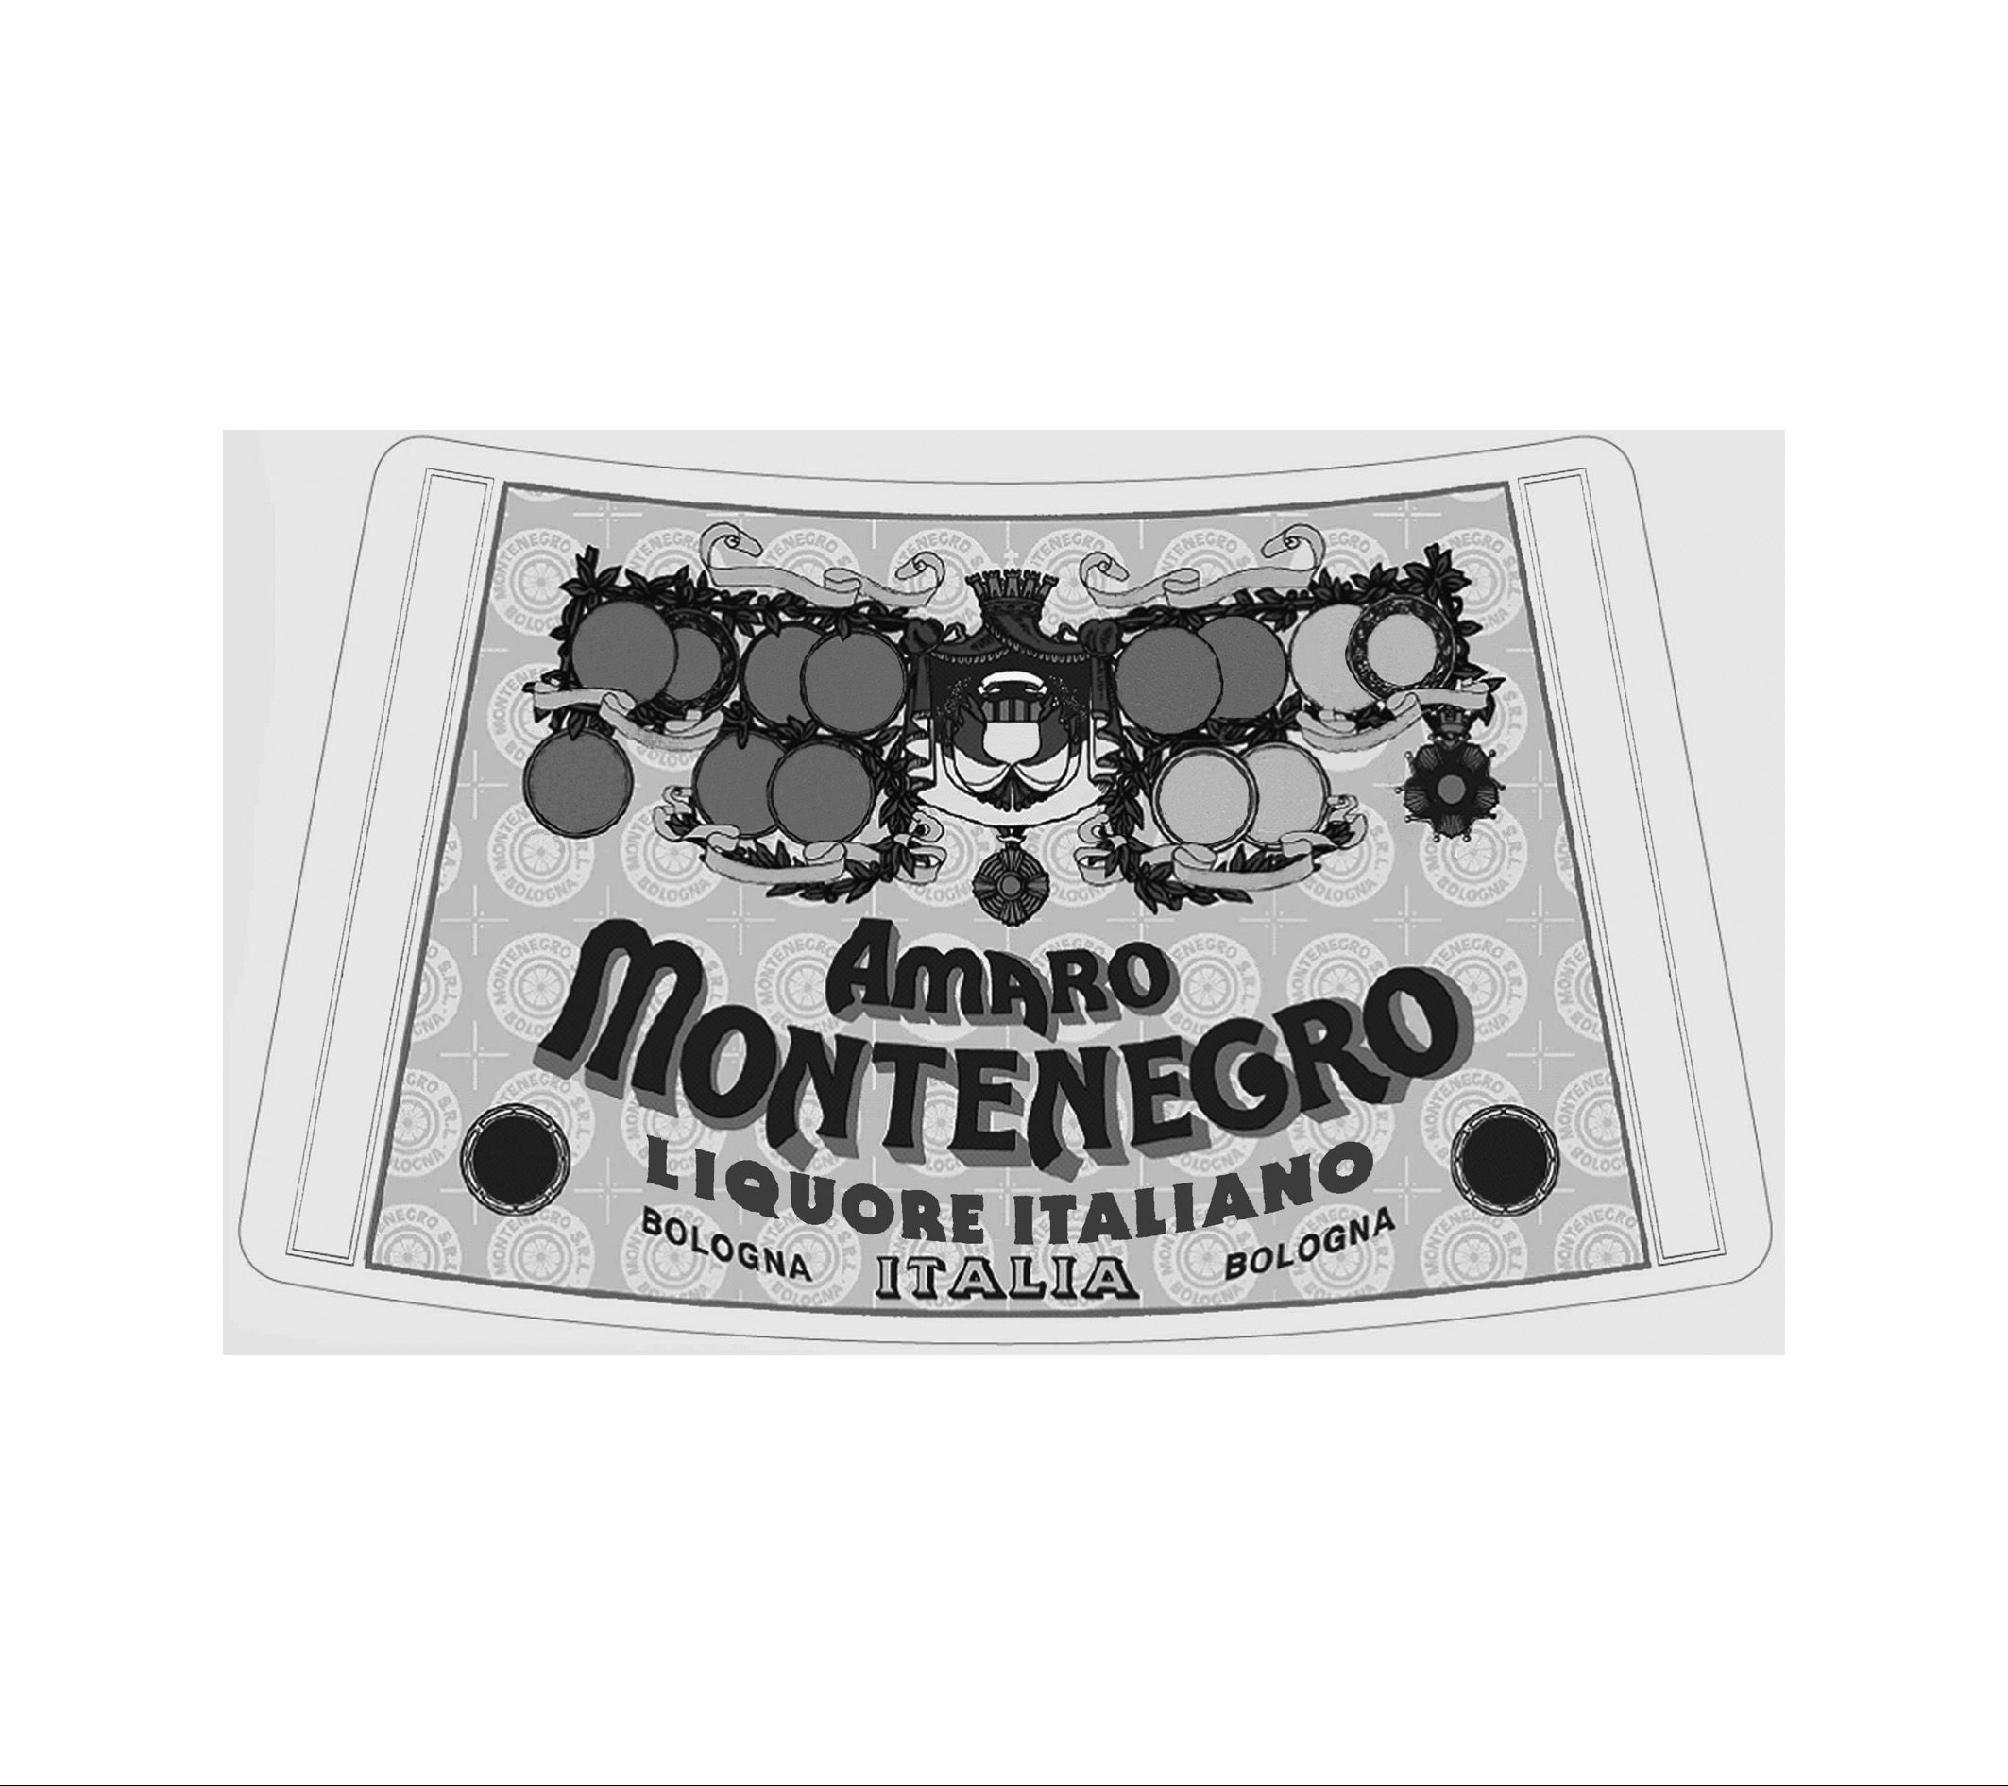 MONTENEGRO S.R.L.